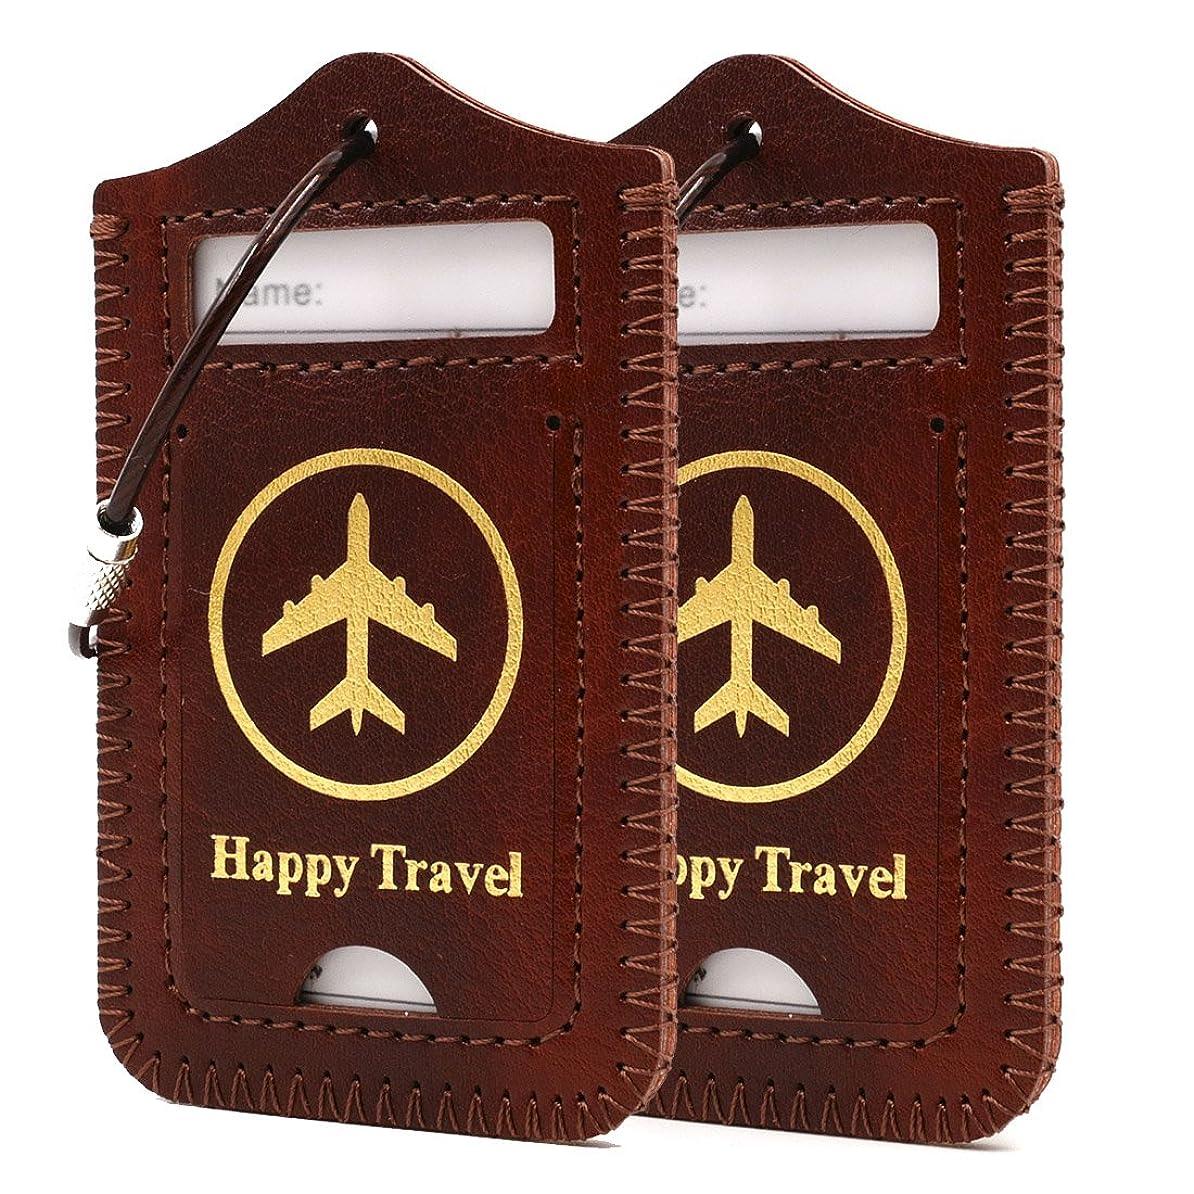 本当のことを言うと腐った百科事典ネームタグ スーツケース 旅行カバン ゴルフバッグ 用 レザー 製 旅行用品 2枚入り